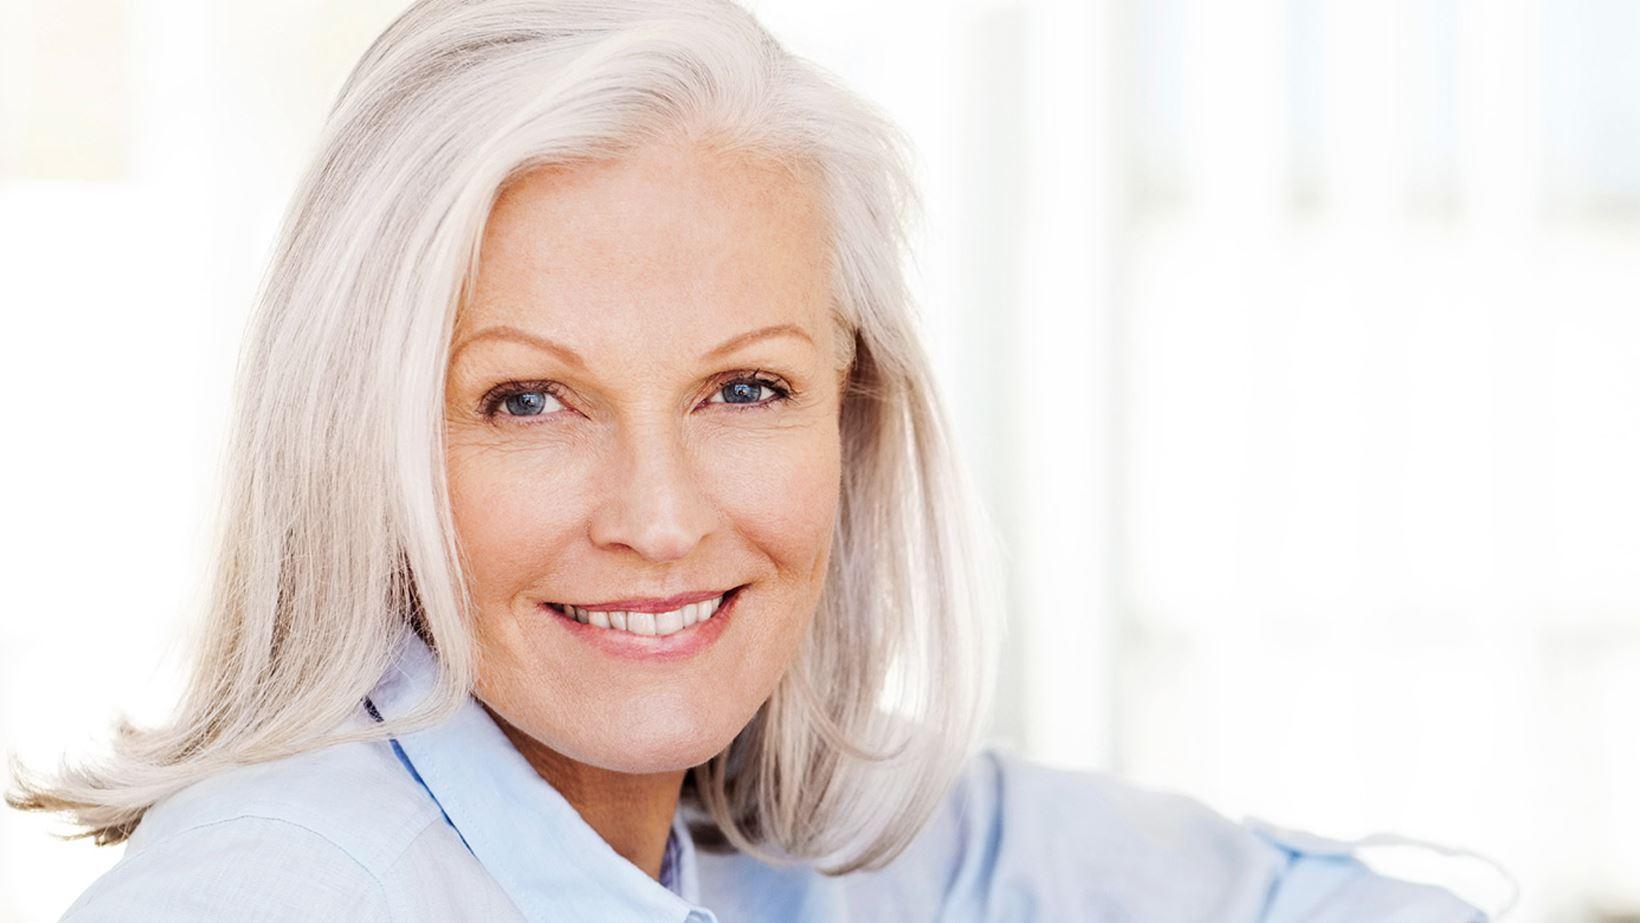 Маски против седины в домашних условиях: эффективные рецепты и рекомендации по применению